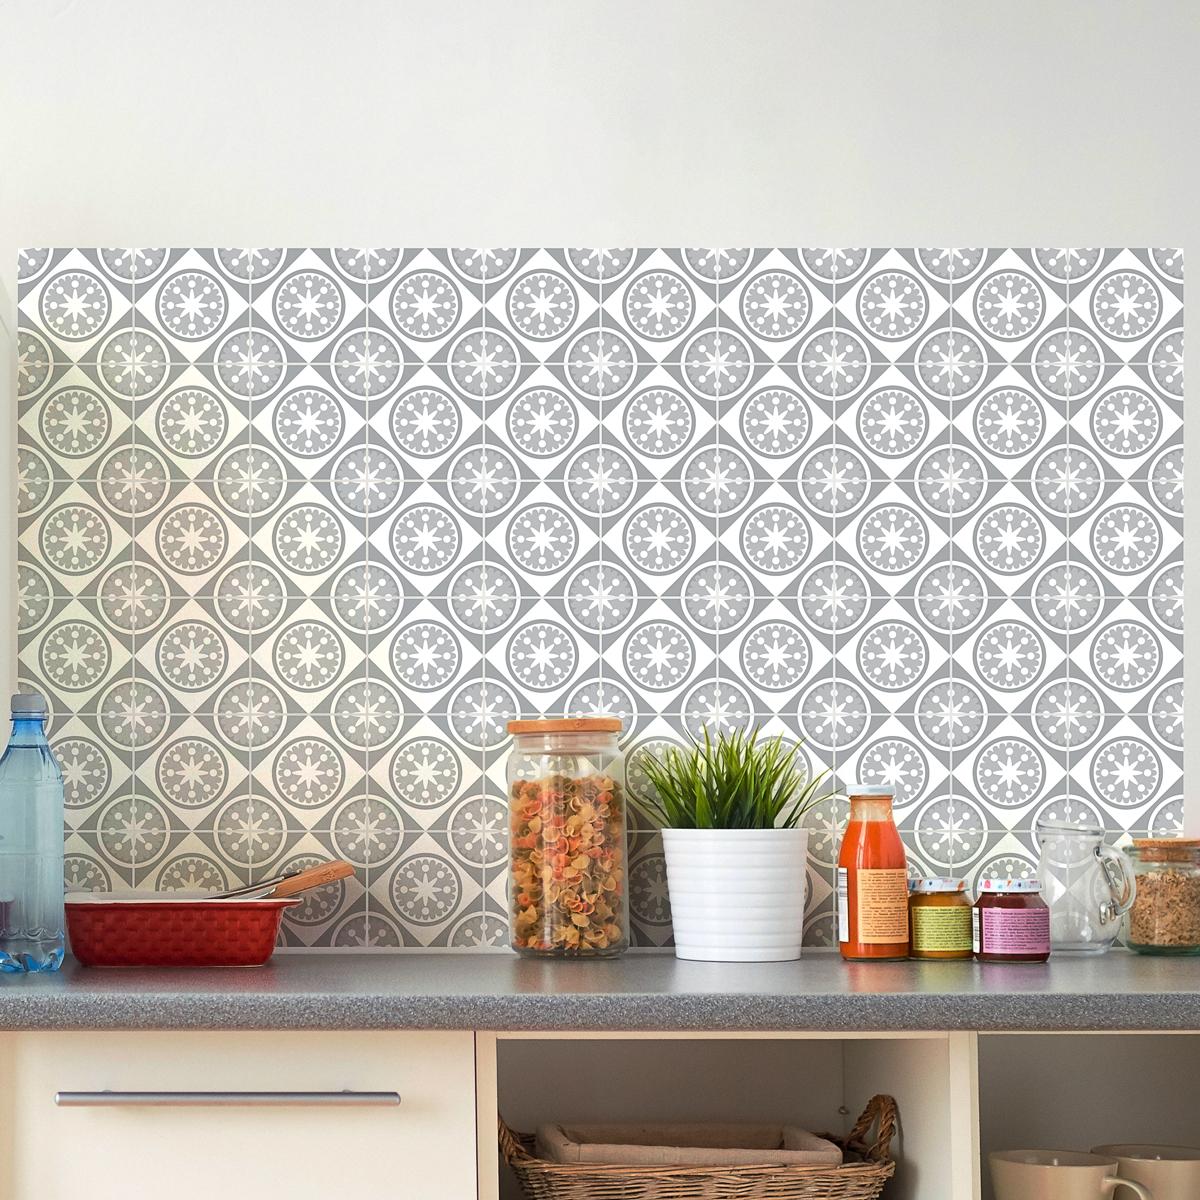 60 stickers carrelages azulejos nuance de gris radieux art et design artistiques ambiance. Black Bedroom Furniture Sets. Home Design Ideas